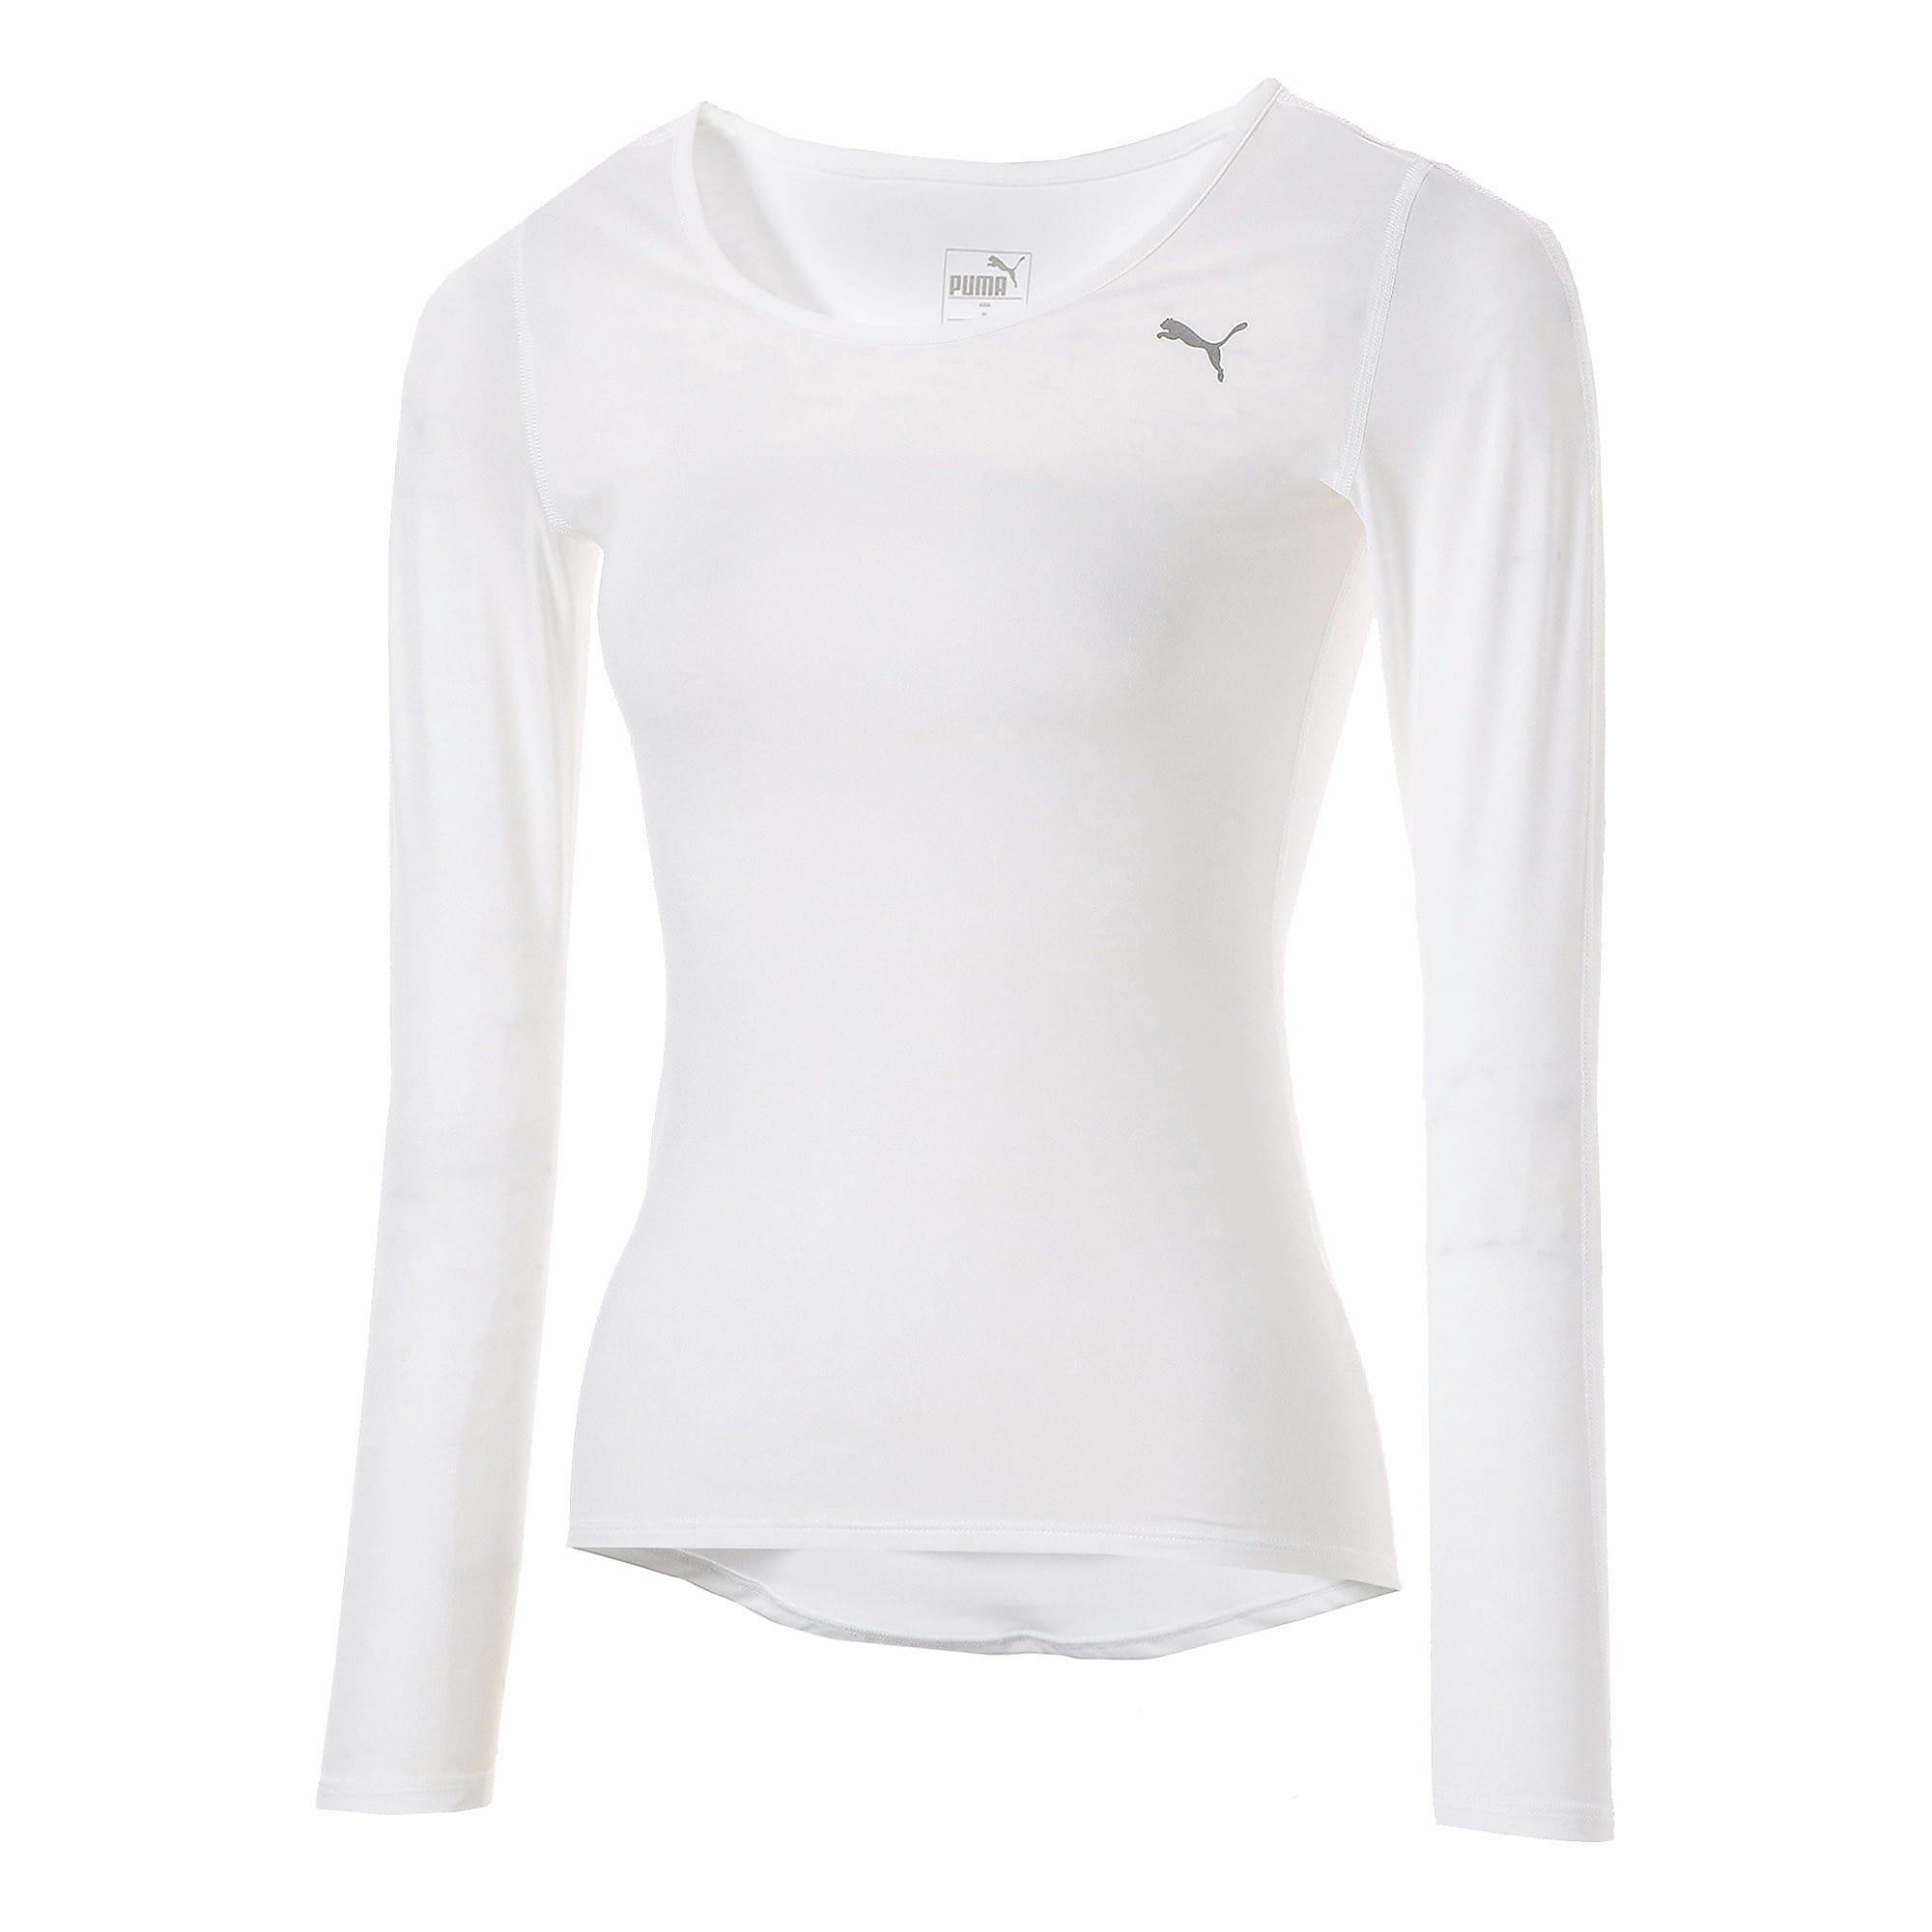 Thumbnail 1 of テック ライト LS ウィメンズ トレーニング Tシャツ 長袖, Puma White, medium-JPN